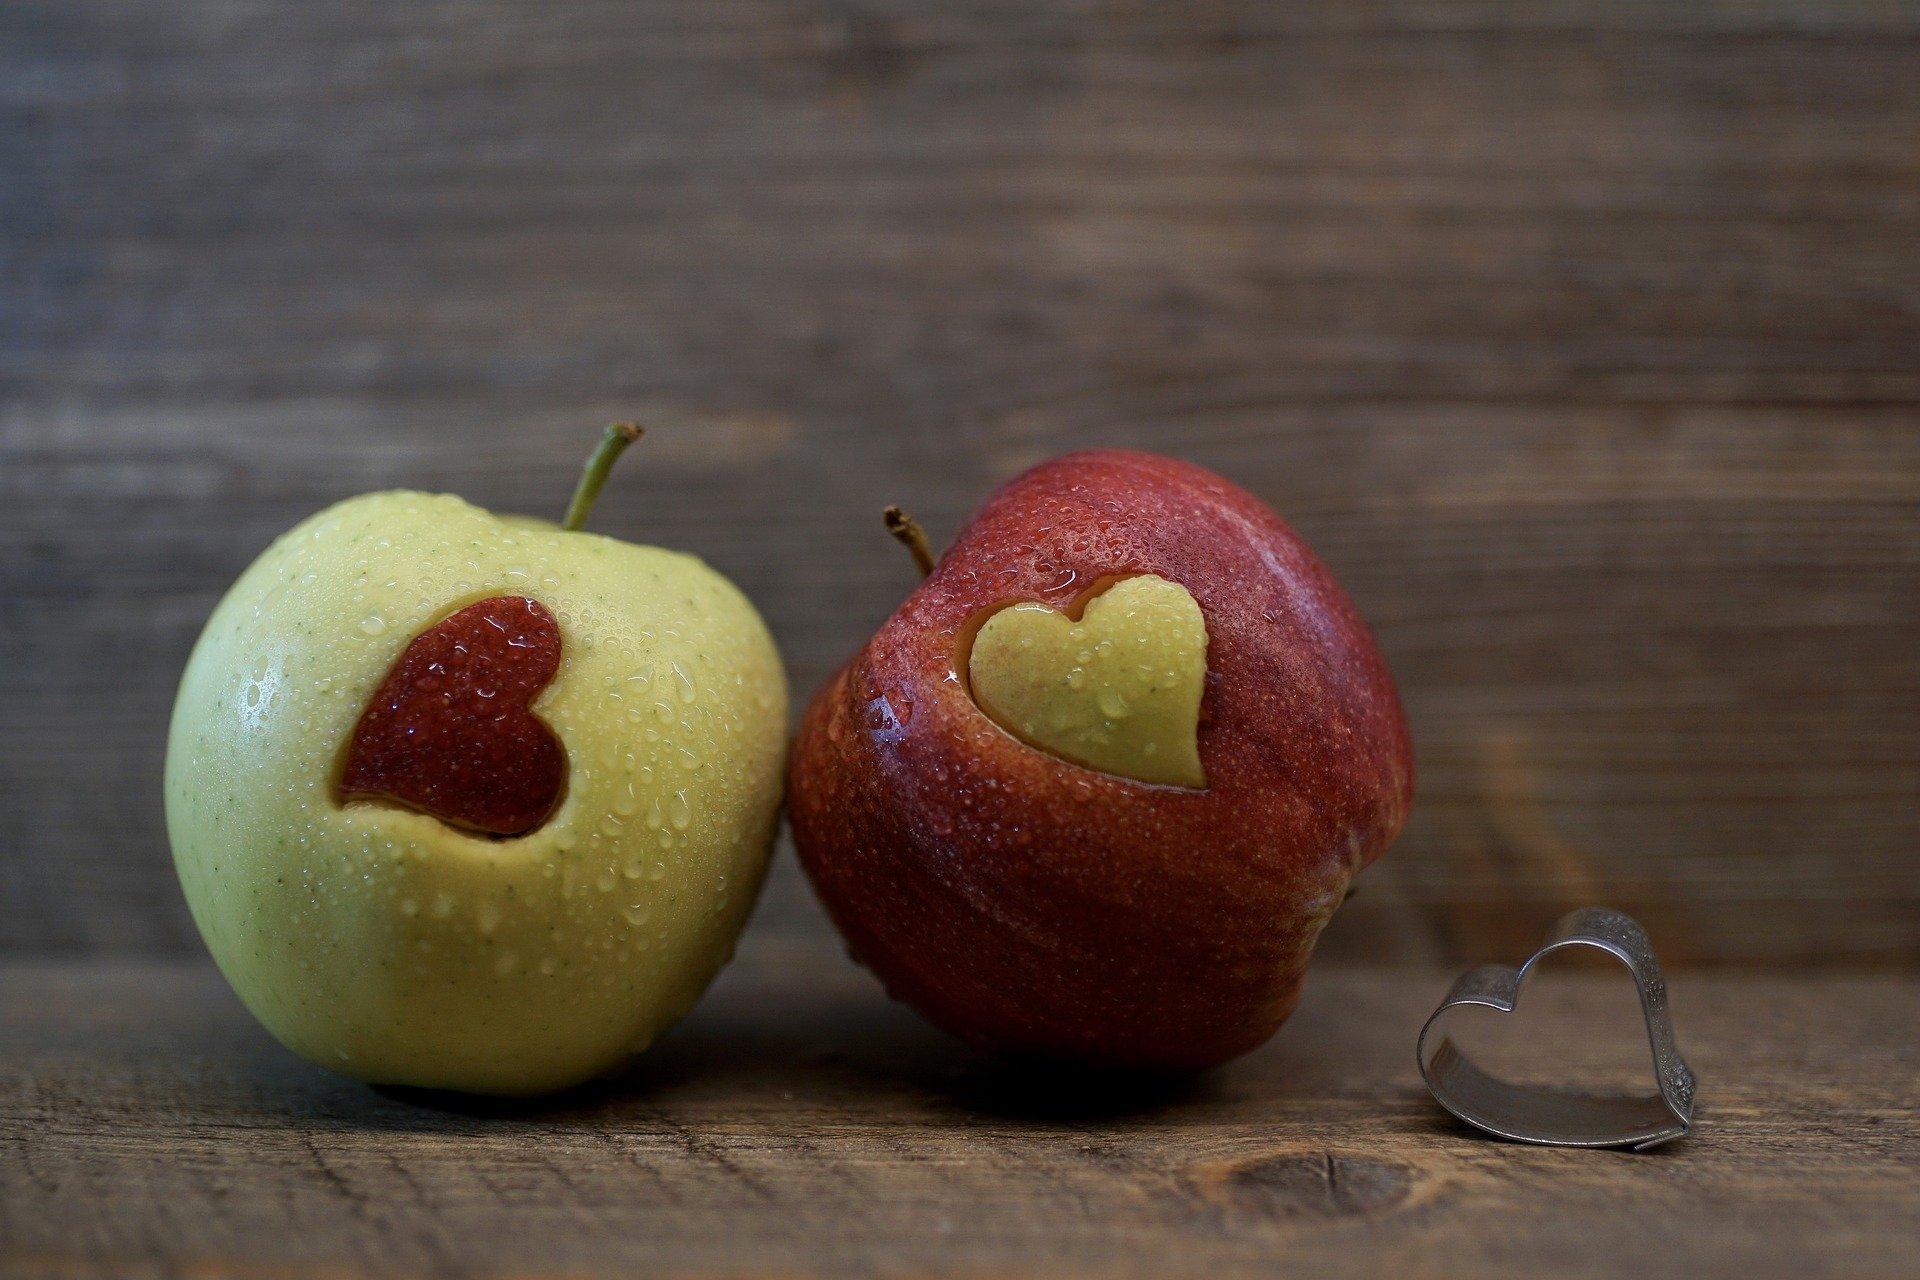 Äpfel, Quelle: Bild von Susanne Jutzeler, suju-foto auf Pixabay